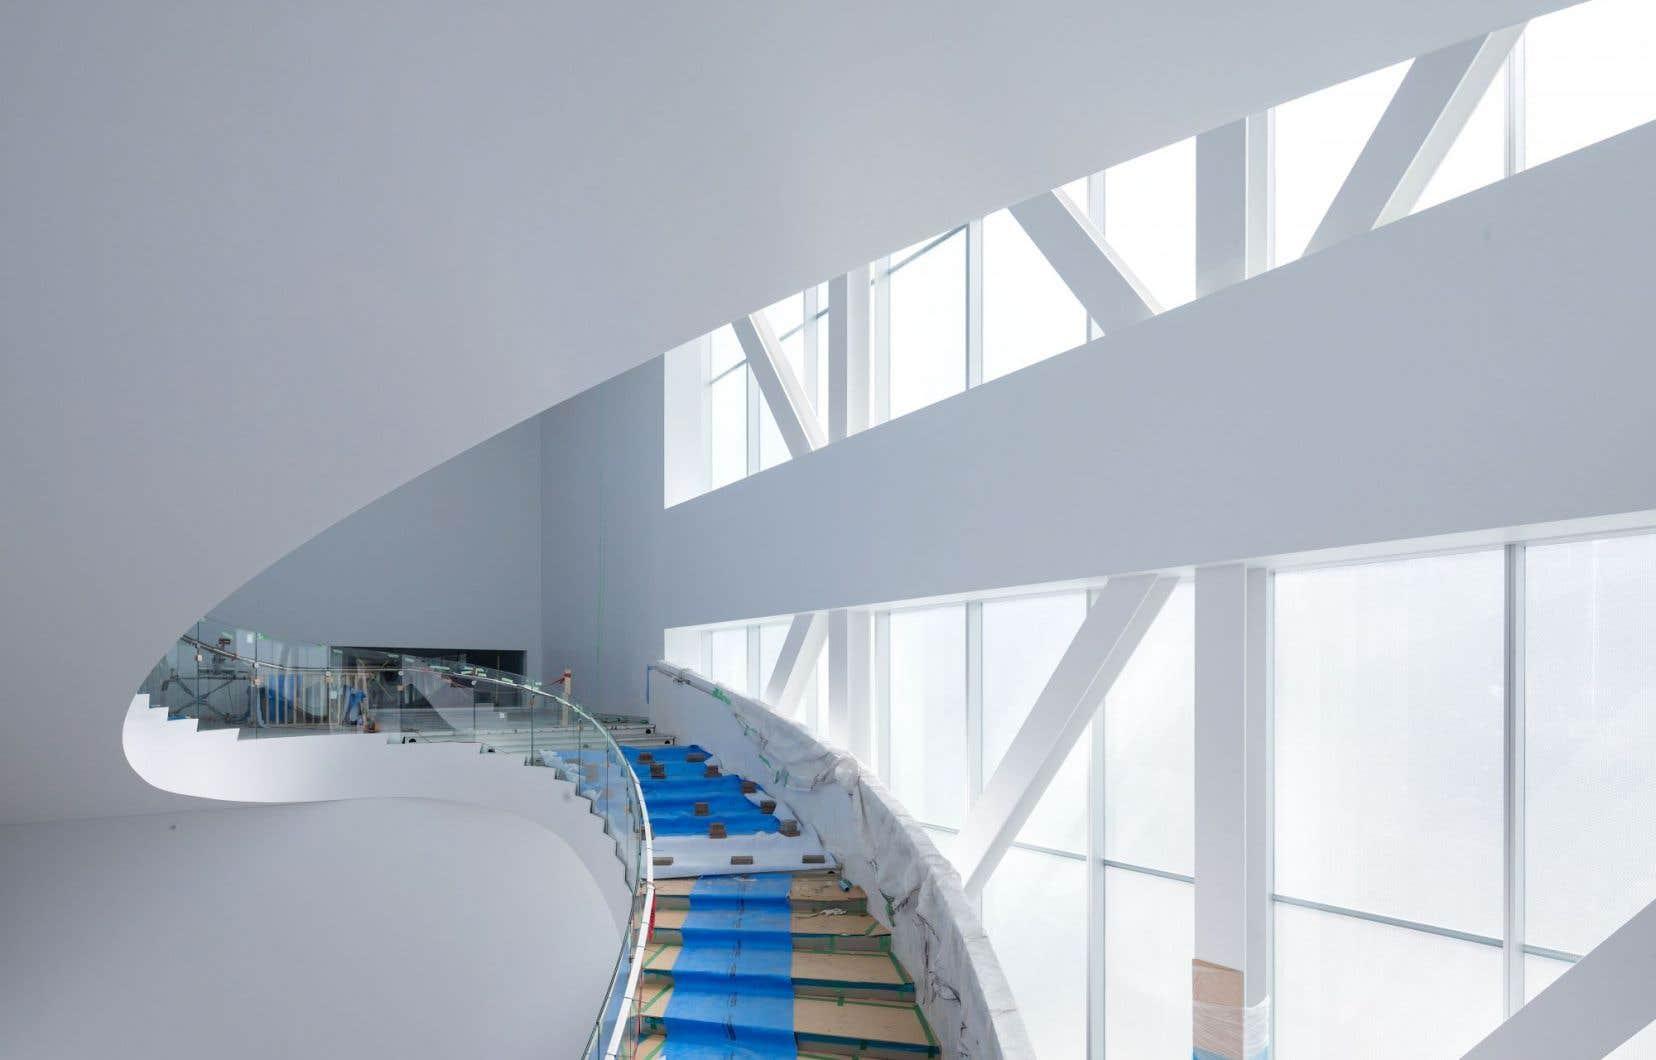 Le nouveau pavillon sera inauguré en juin.